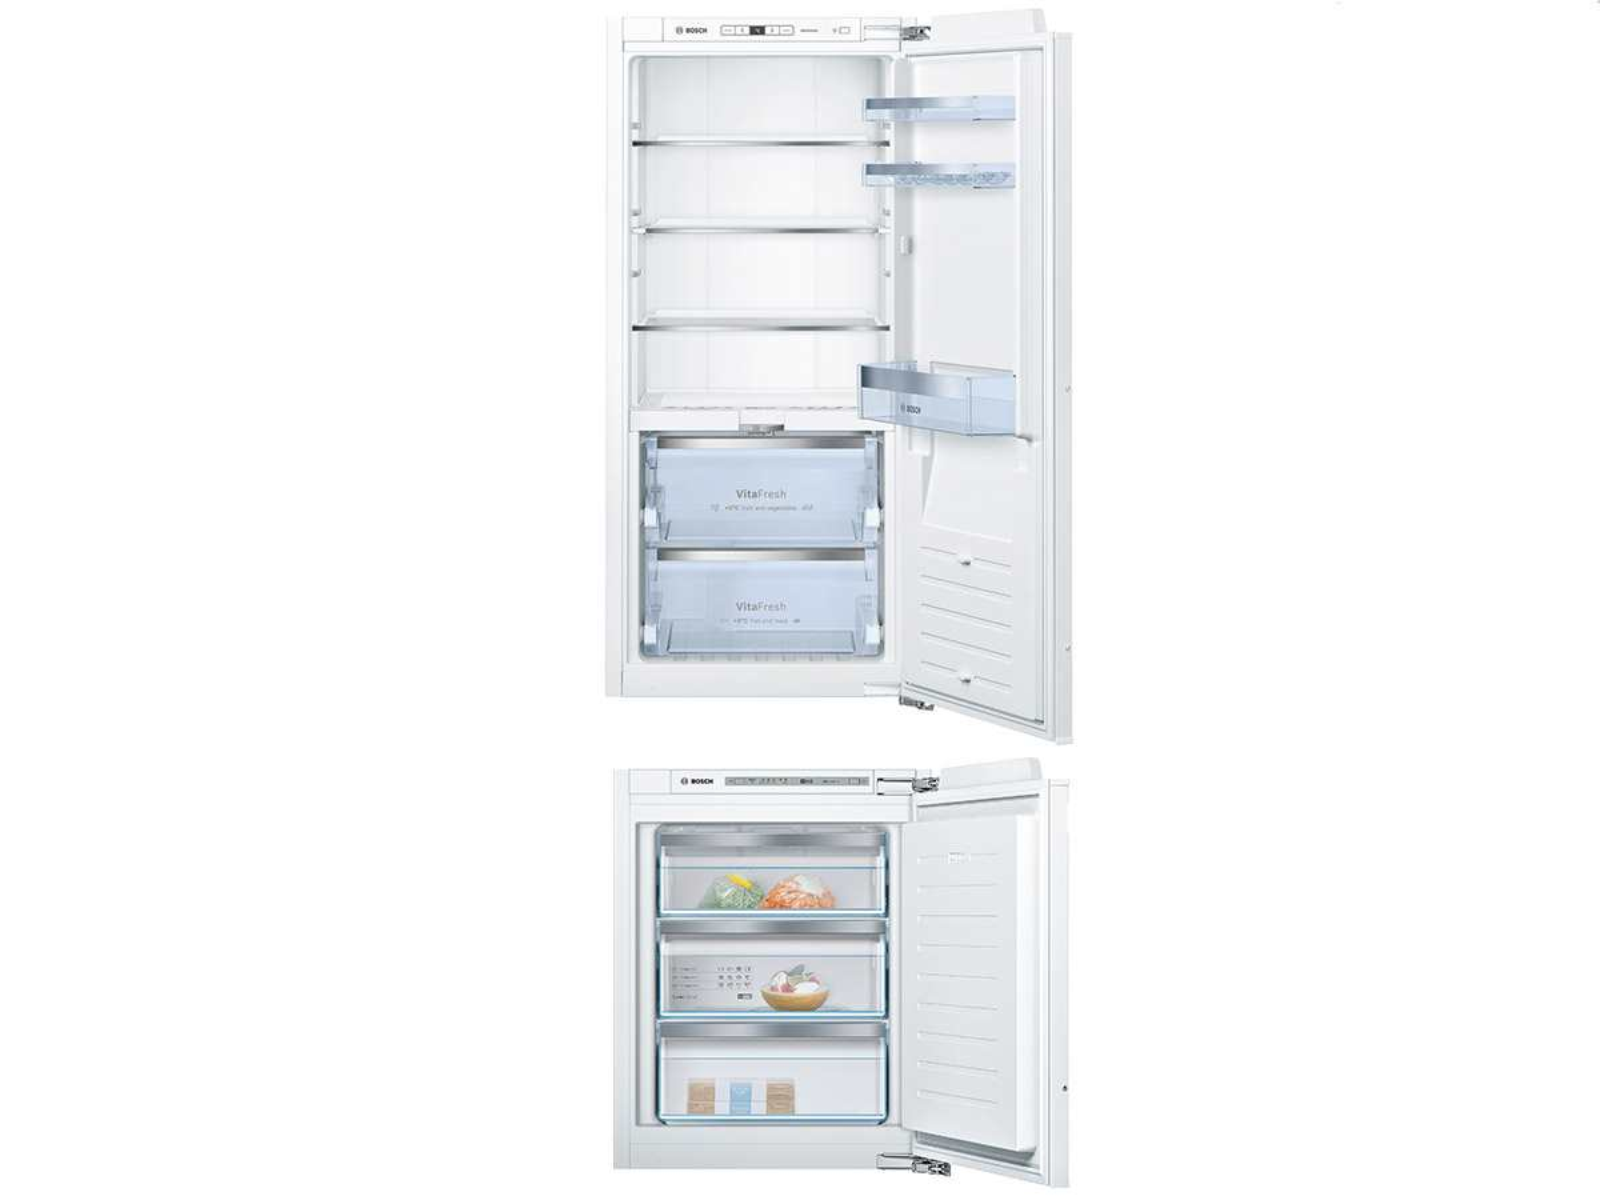 Aeg Kühlschrank Tür Einstellen : Bosch geschirrspüler tür justieren: bosch kühlschrank tür einstellen